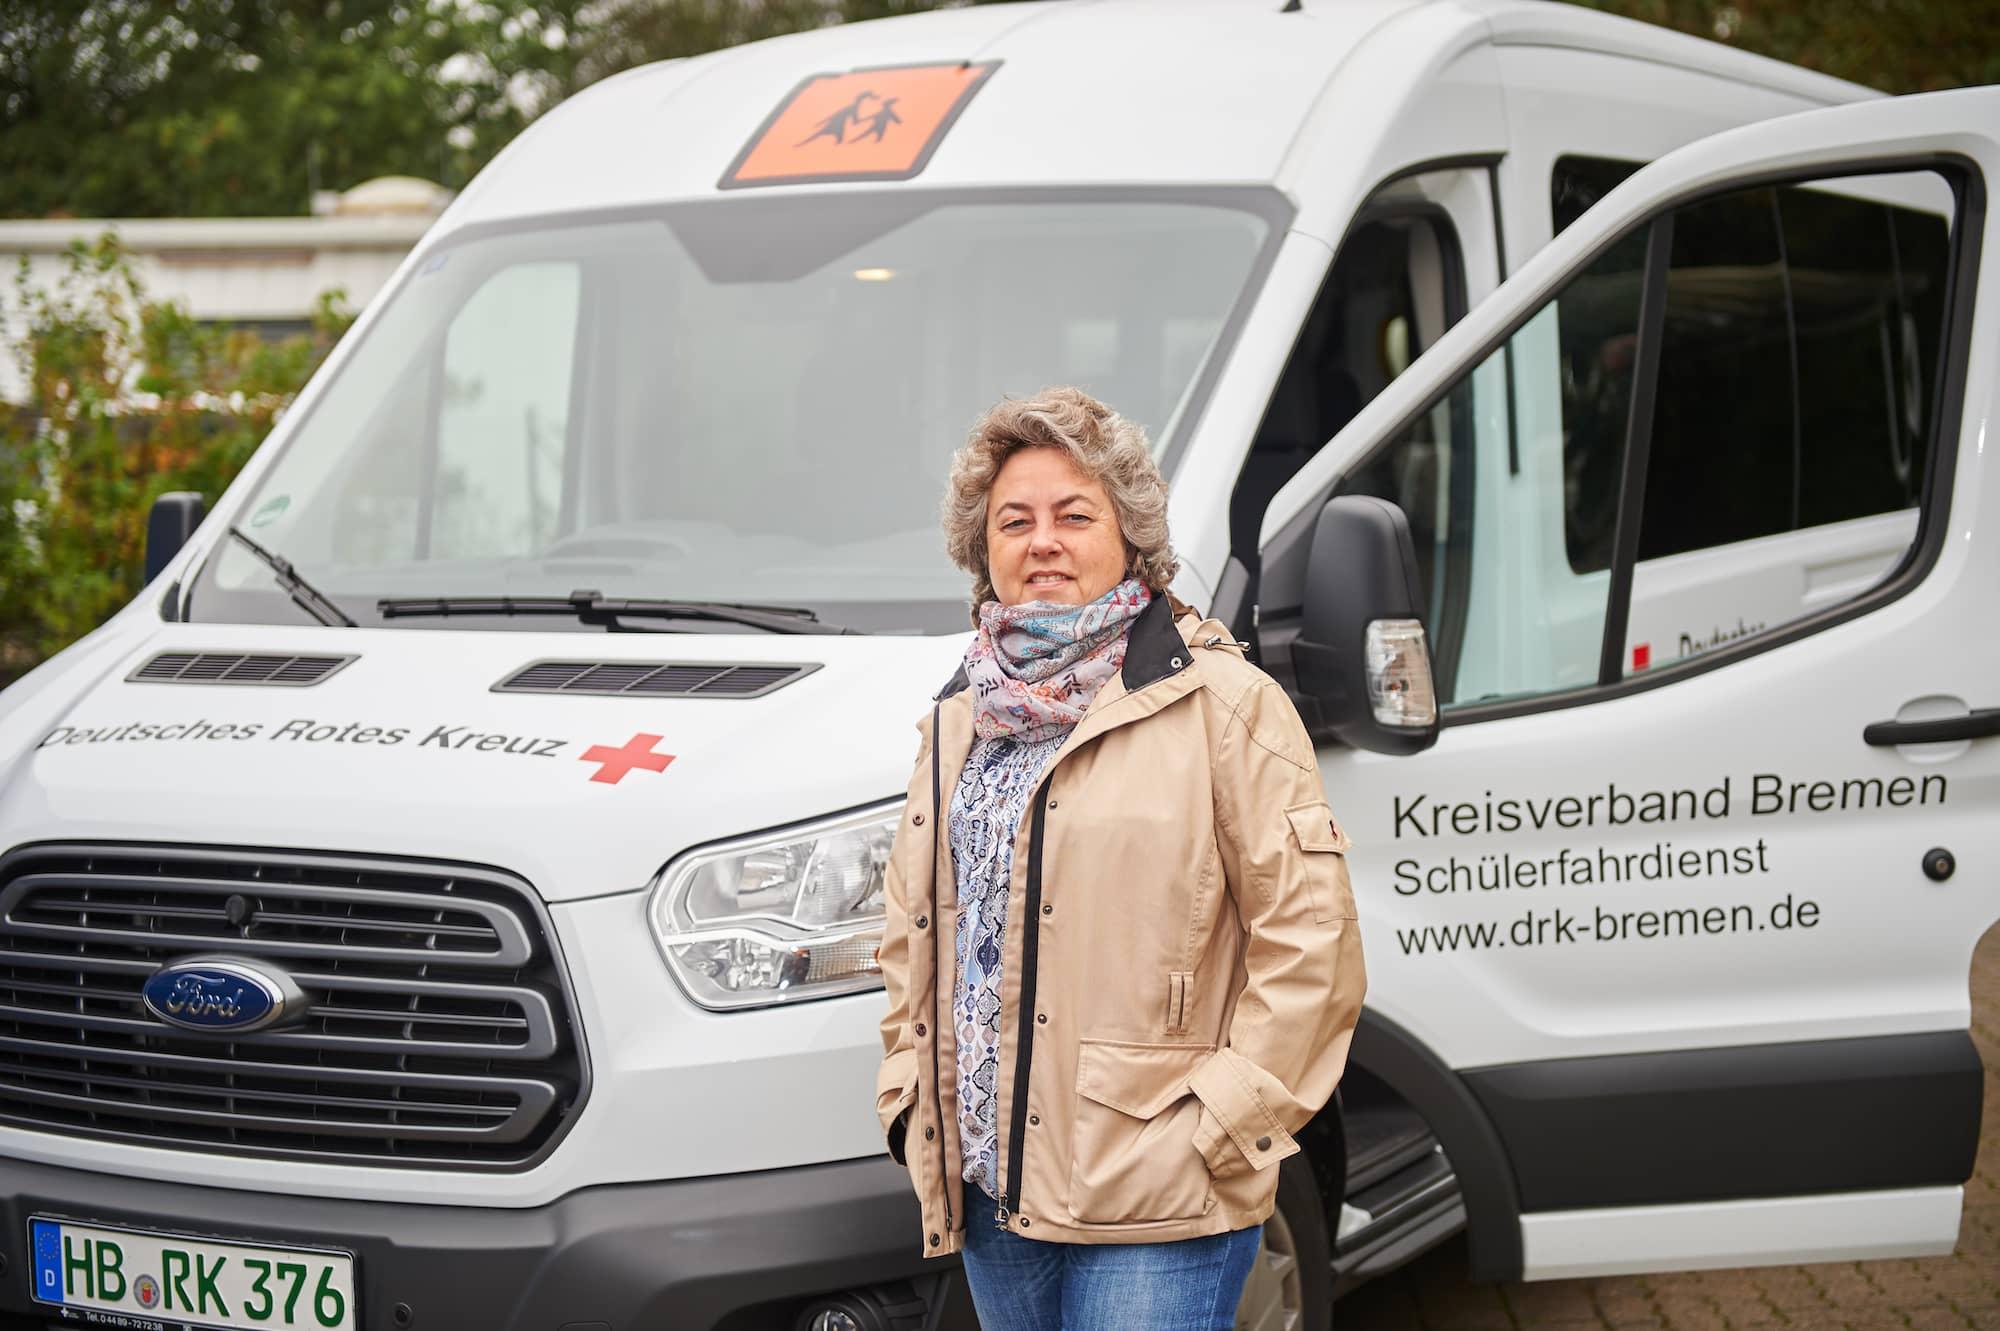 Deutsches-rotes-Kreuz-Bremen-Schuelerfahrdienst eingeschränkte Angebote, Notdienst und Schließungen